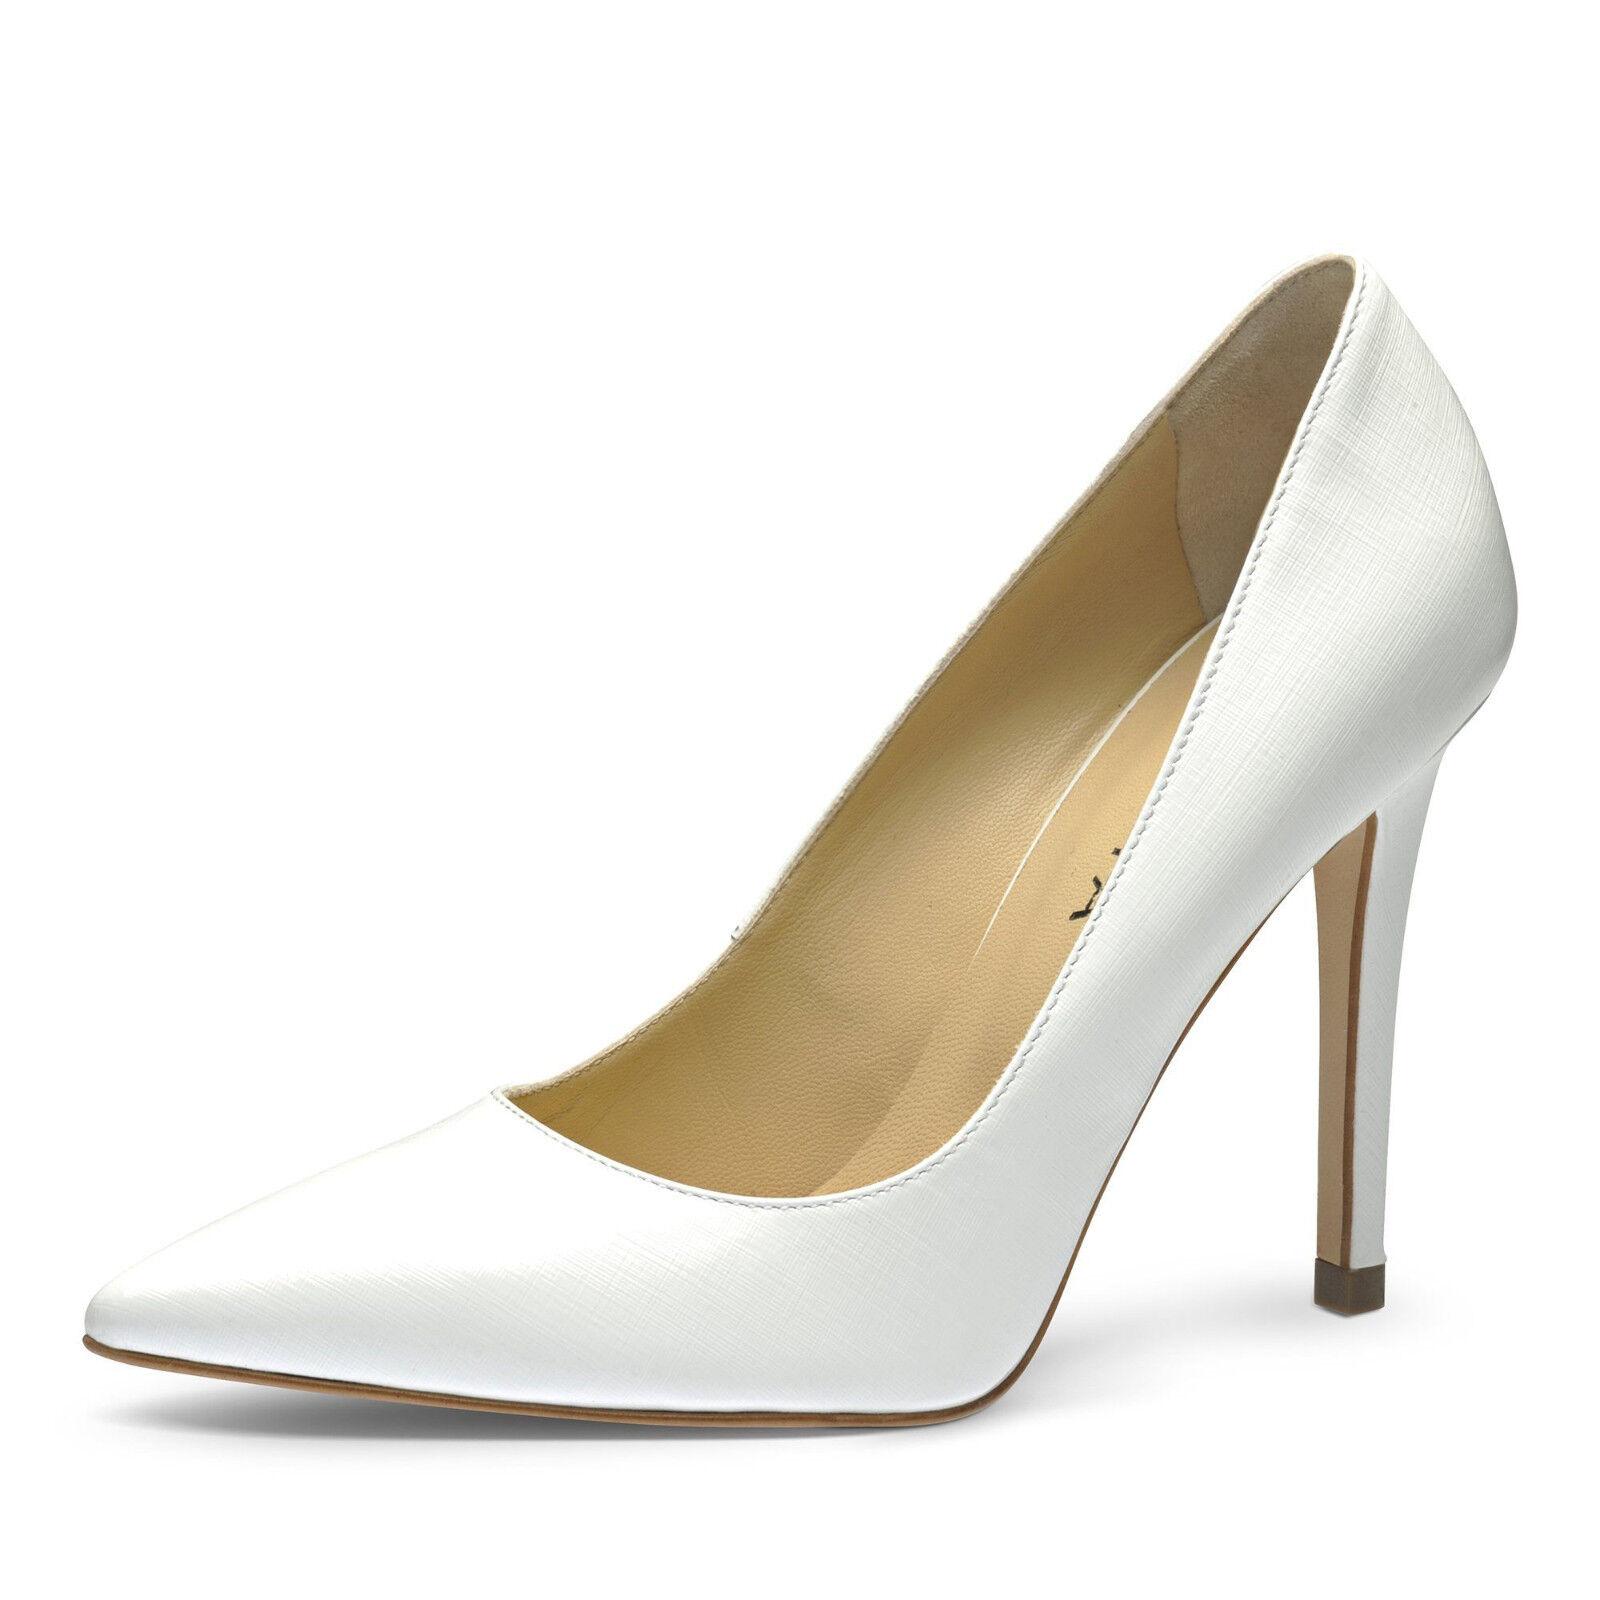 Evita »ALINA« Pumps, Gr.39, Lackleder Lackleder Lackleder 67b772